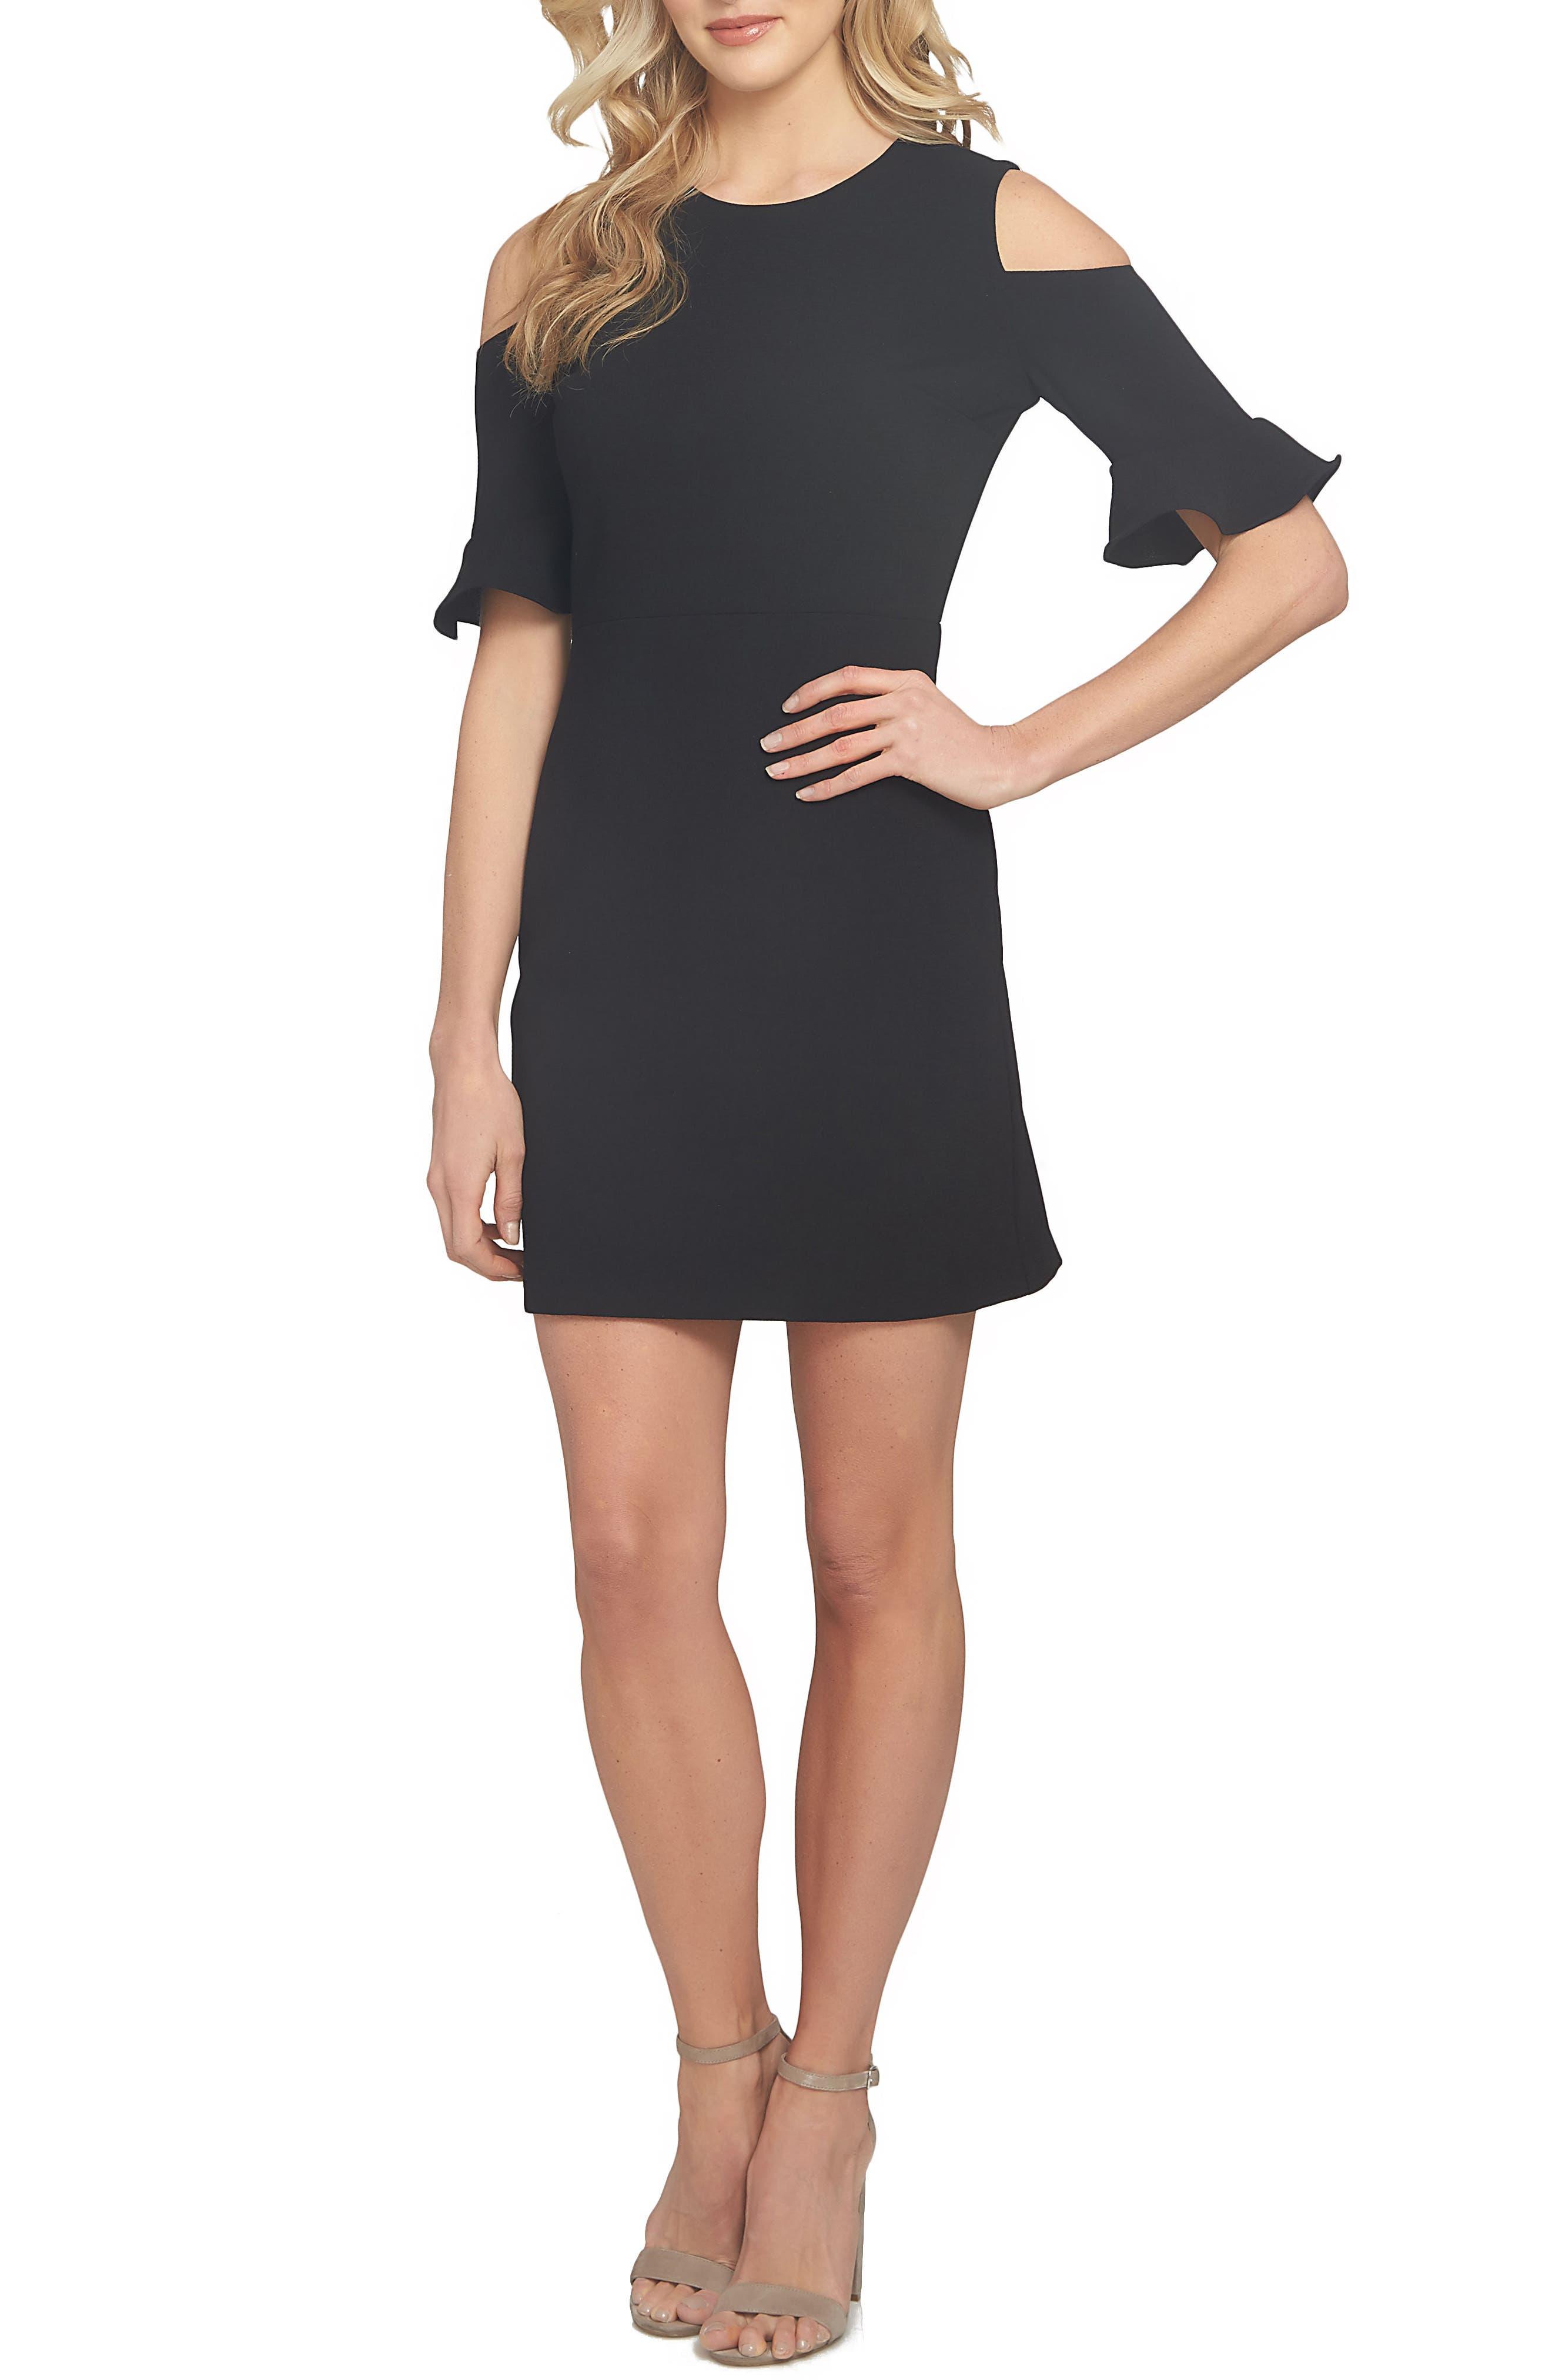 Alternate Image 1 Selected - Cece Emily Cold Shoulder Sheath Dress